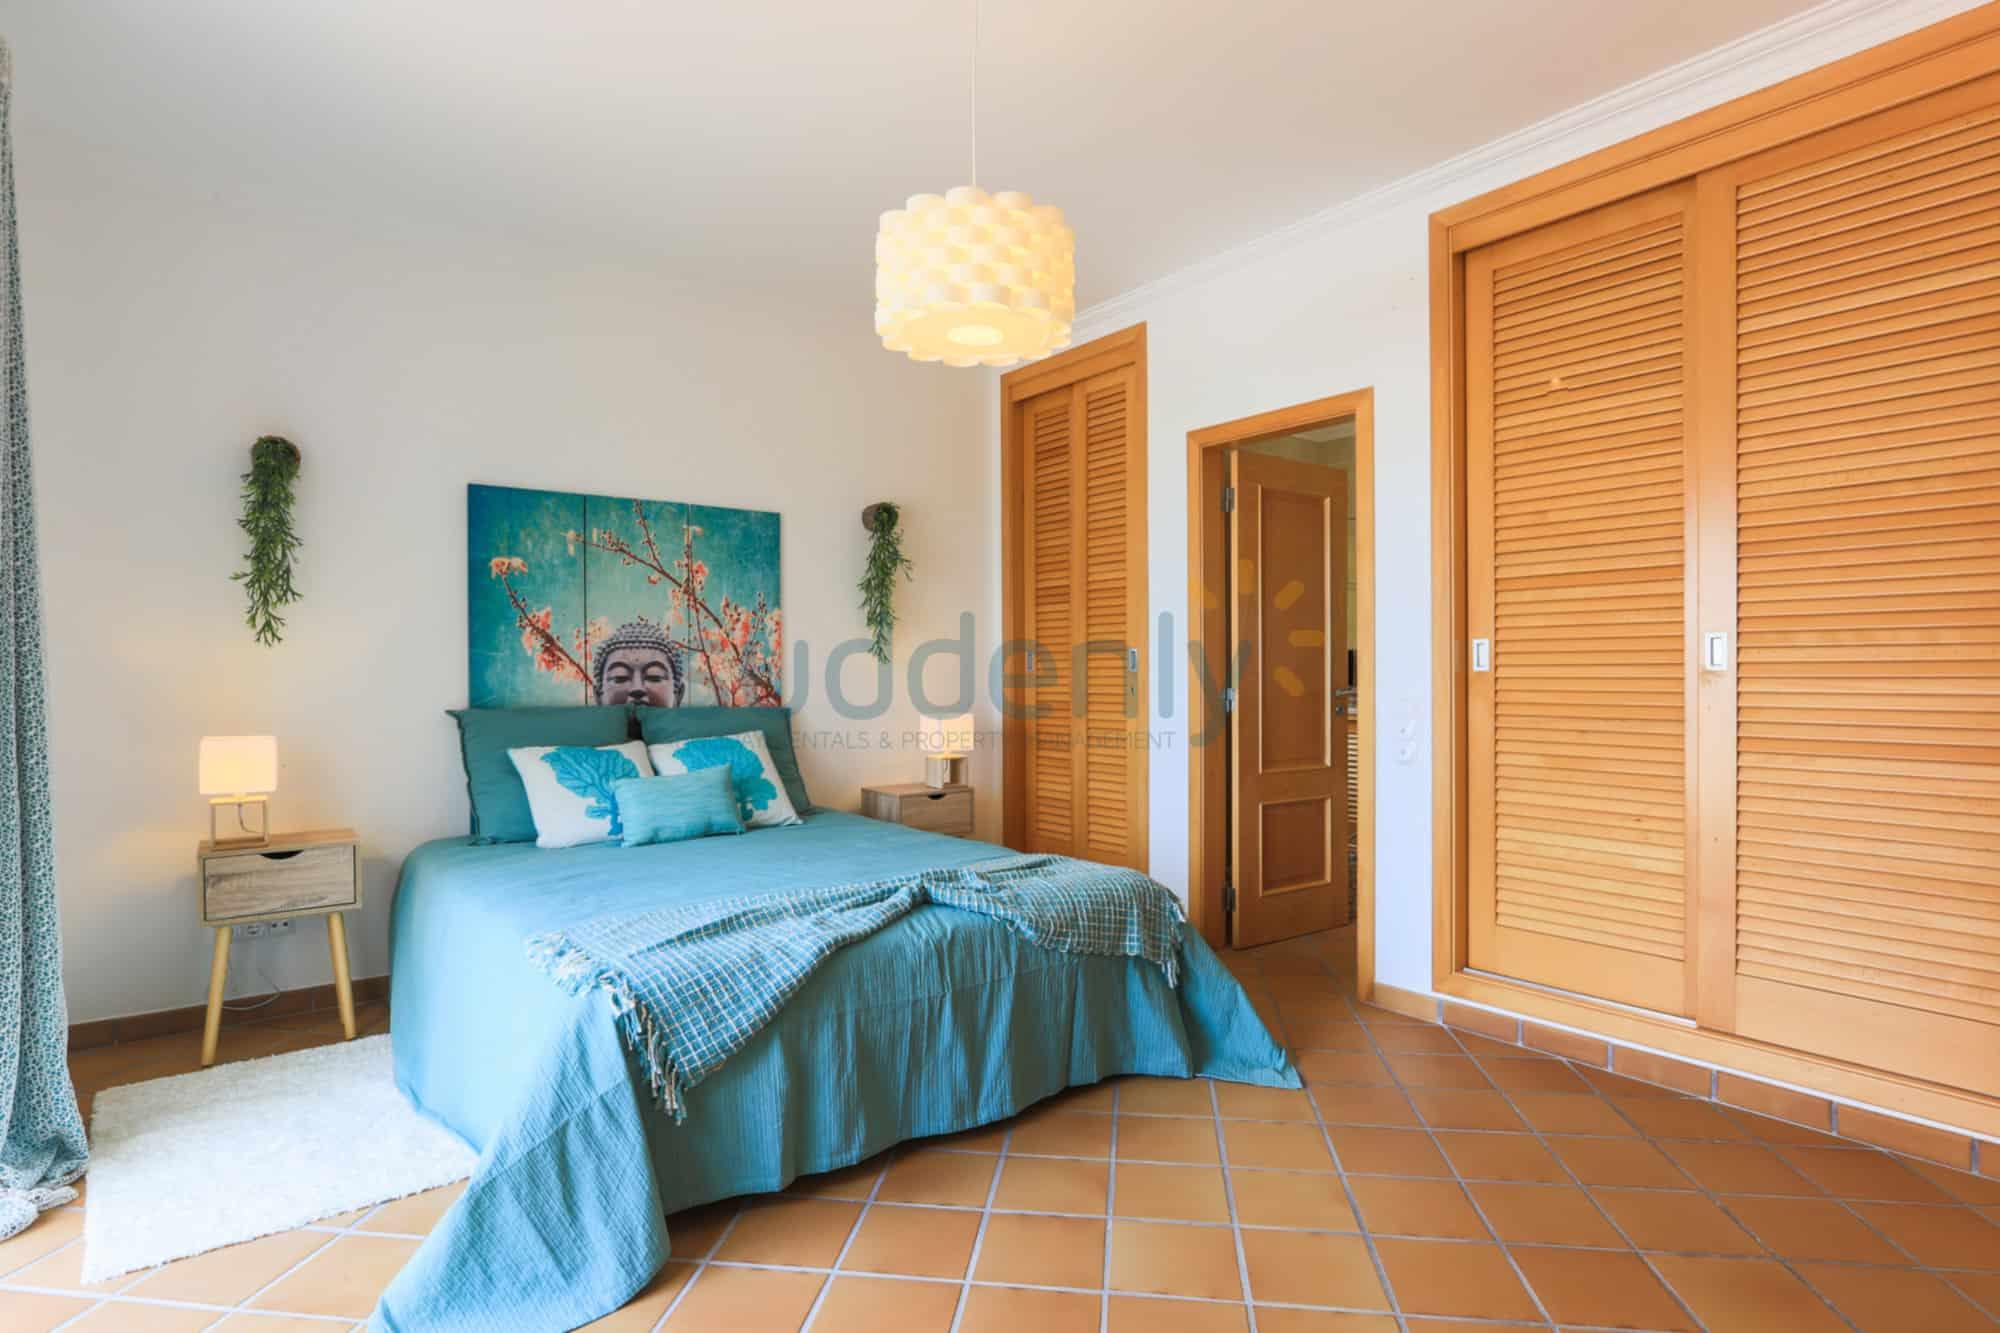 Holiday Rentals in Praia D'El Rey 295